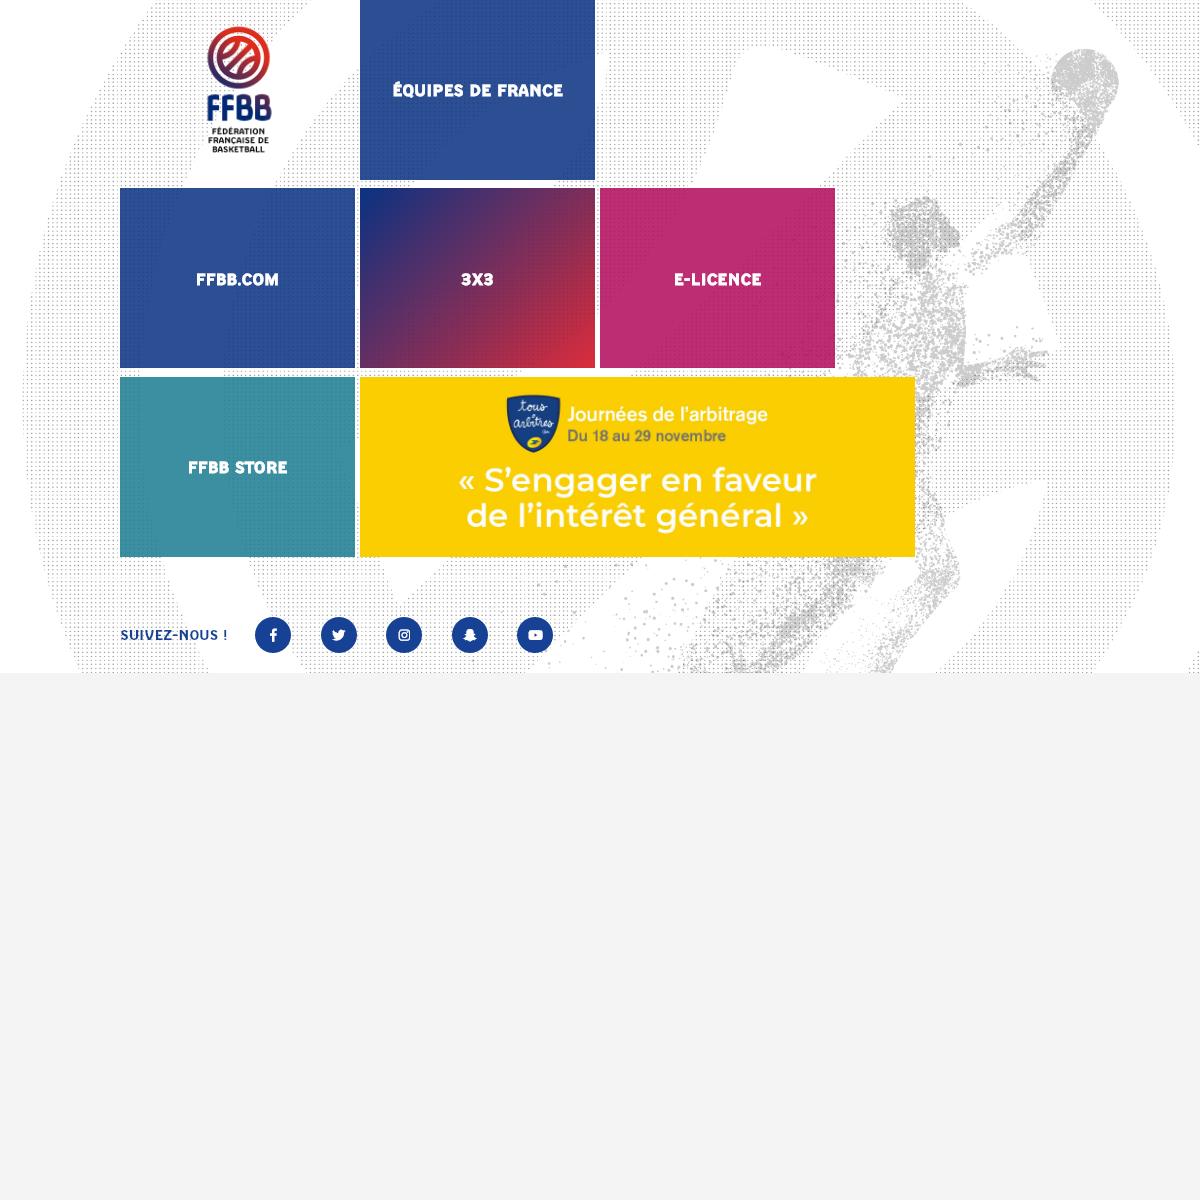 Accueil - Fédération Française de basket-ball